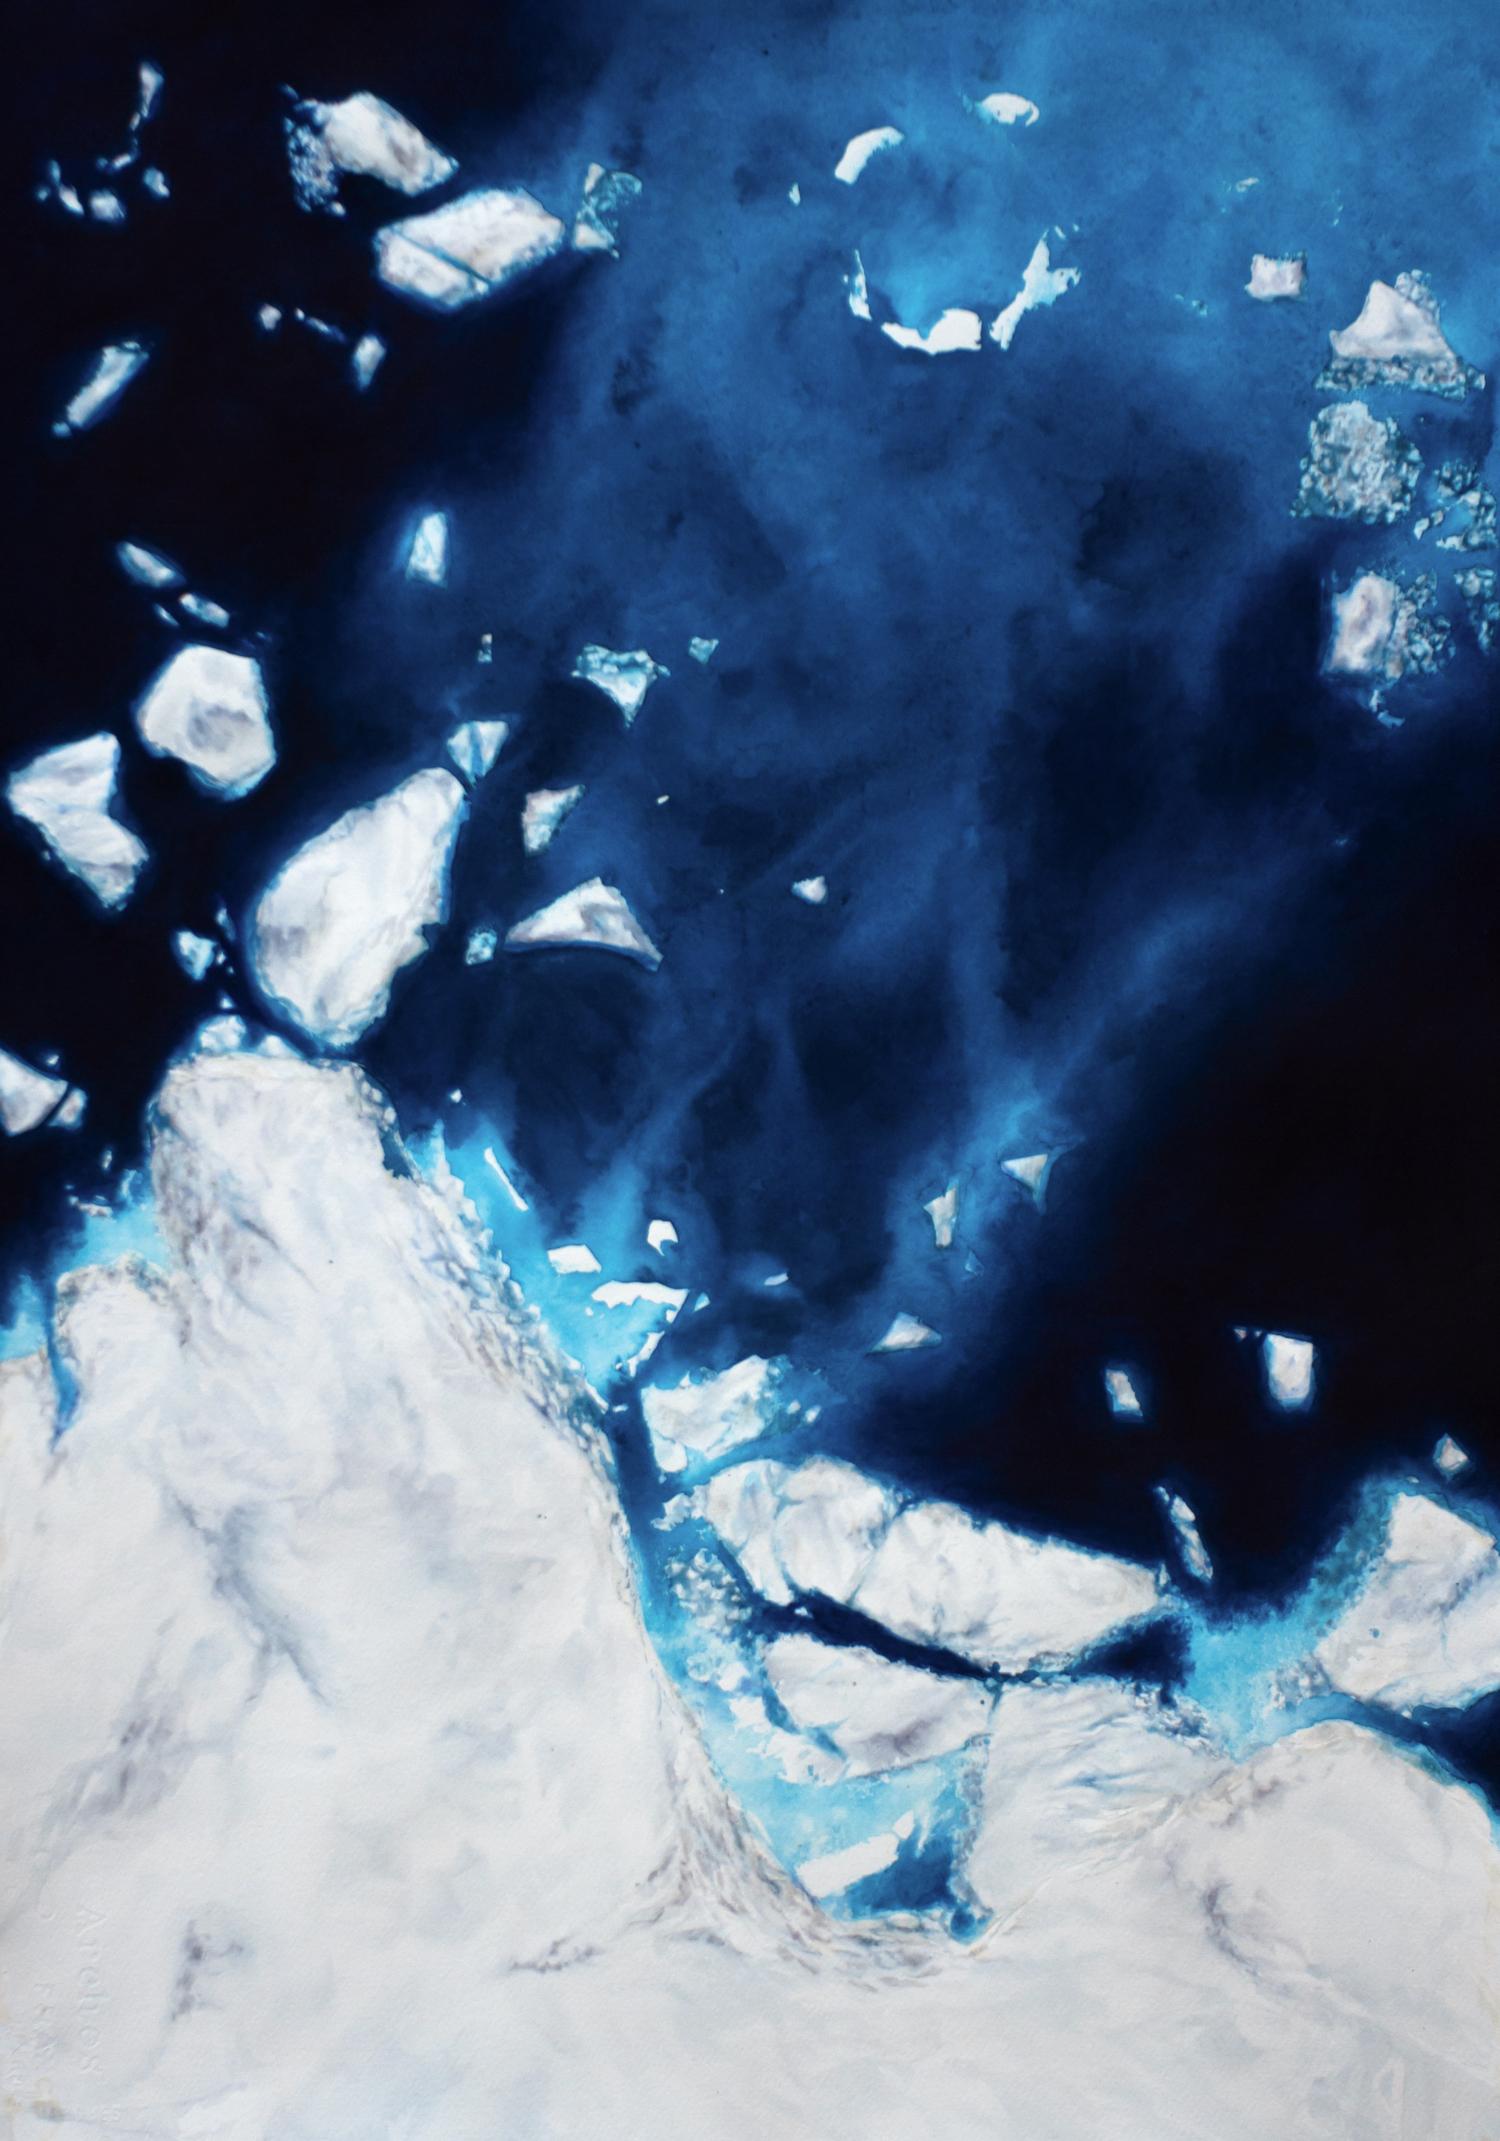 Coordenadas Antárticas III  Acrílico / Papel, 70 x 50 cm, 2012   Antarctic Coordinates III  Acrylic / Paper, 2' 3.5'' x 1' 7.7'', 2012